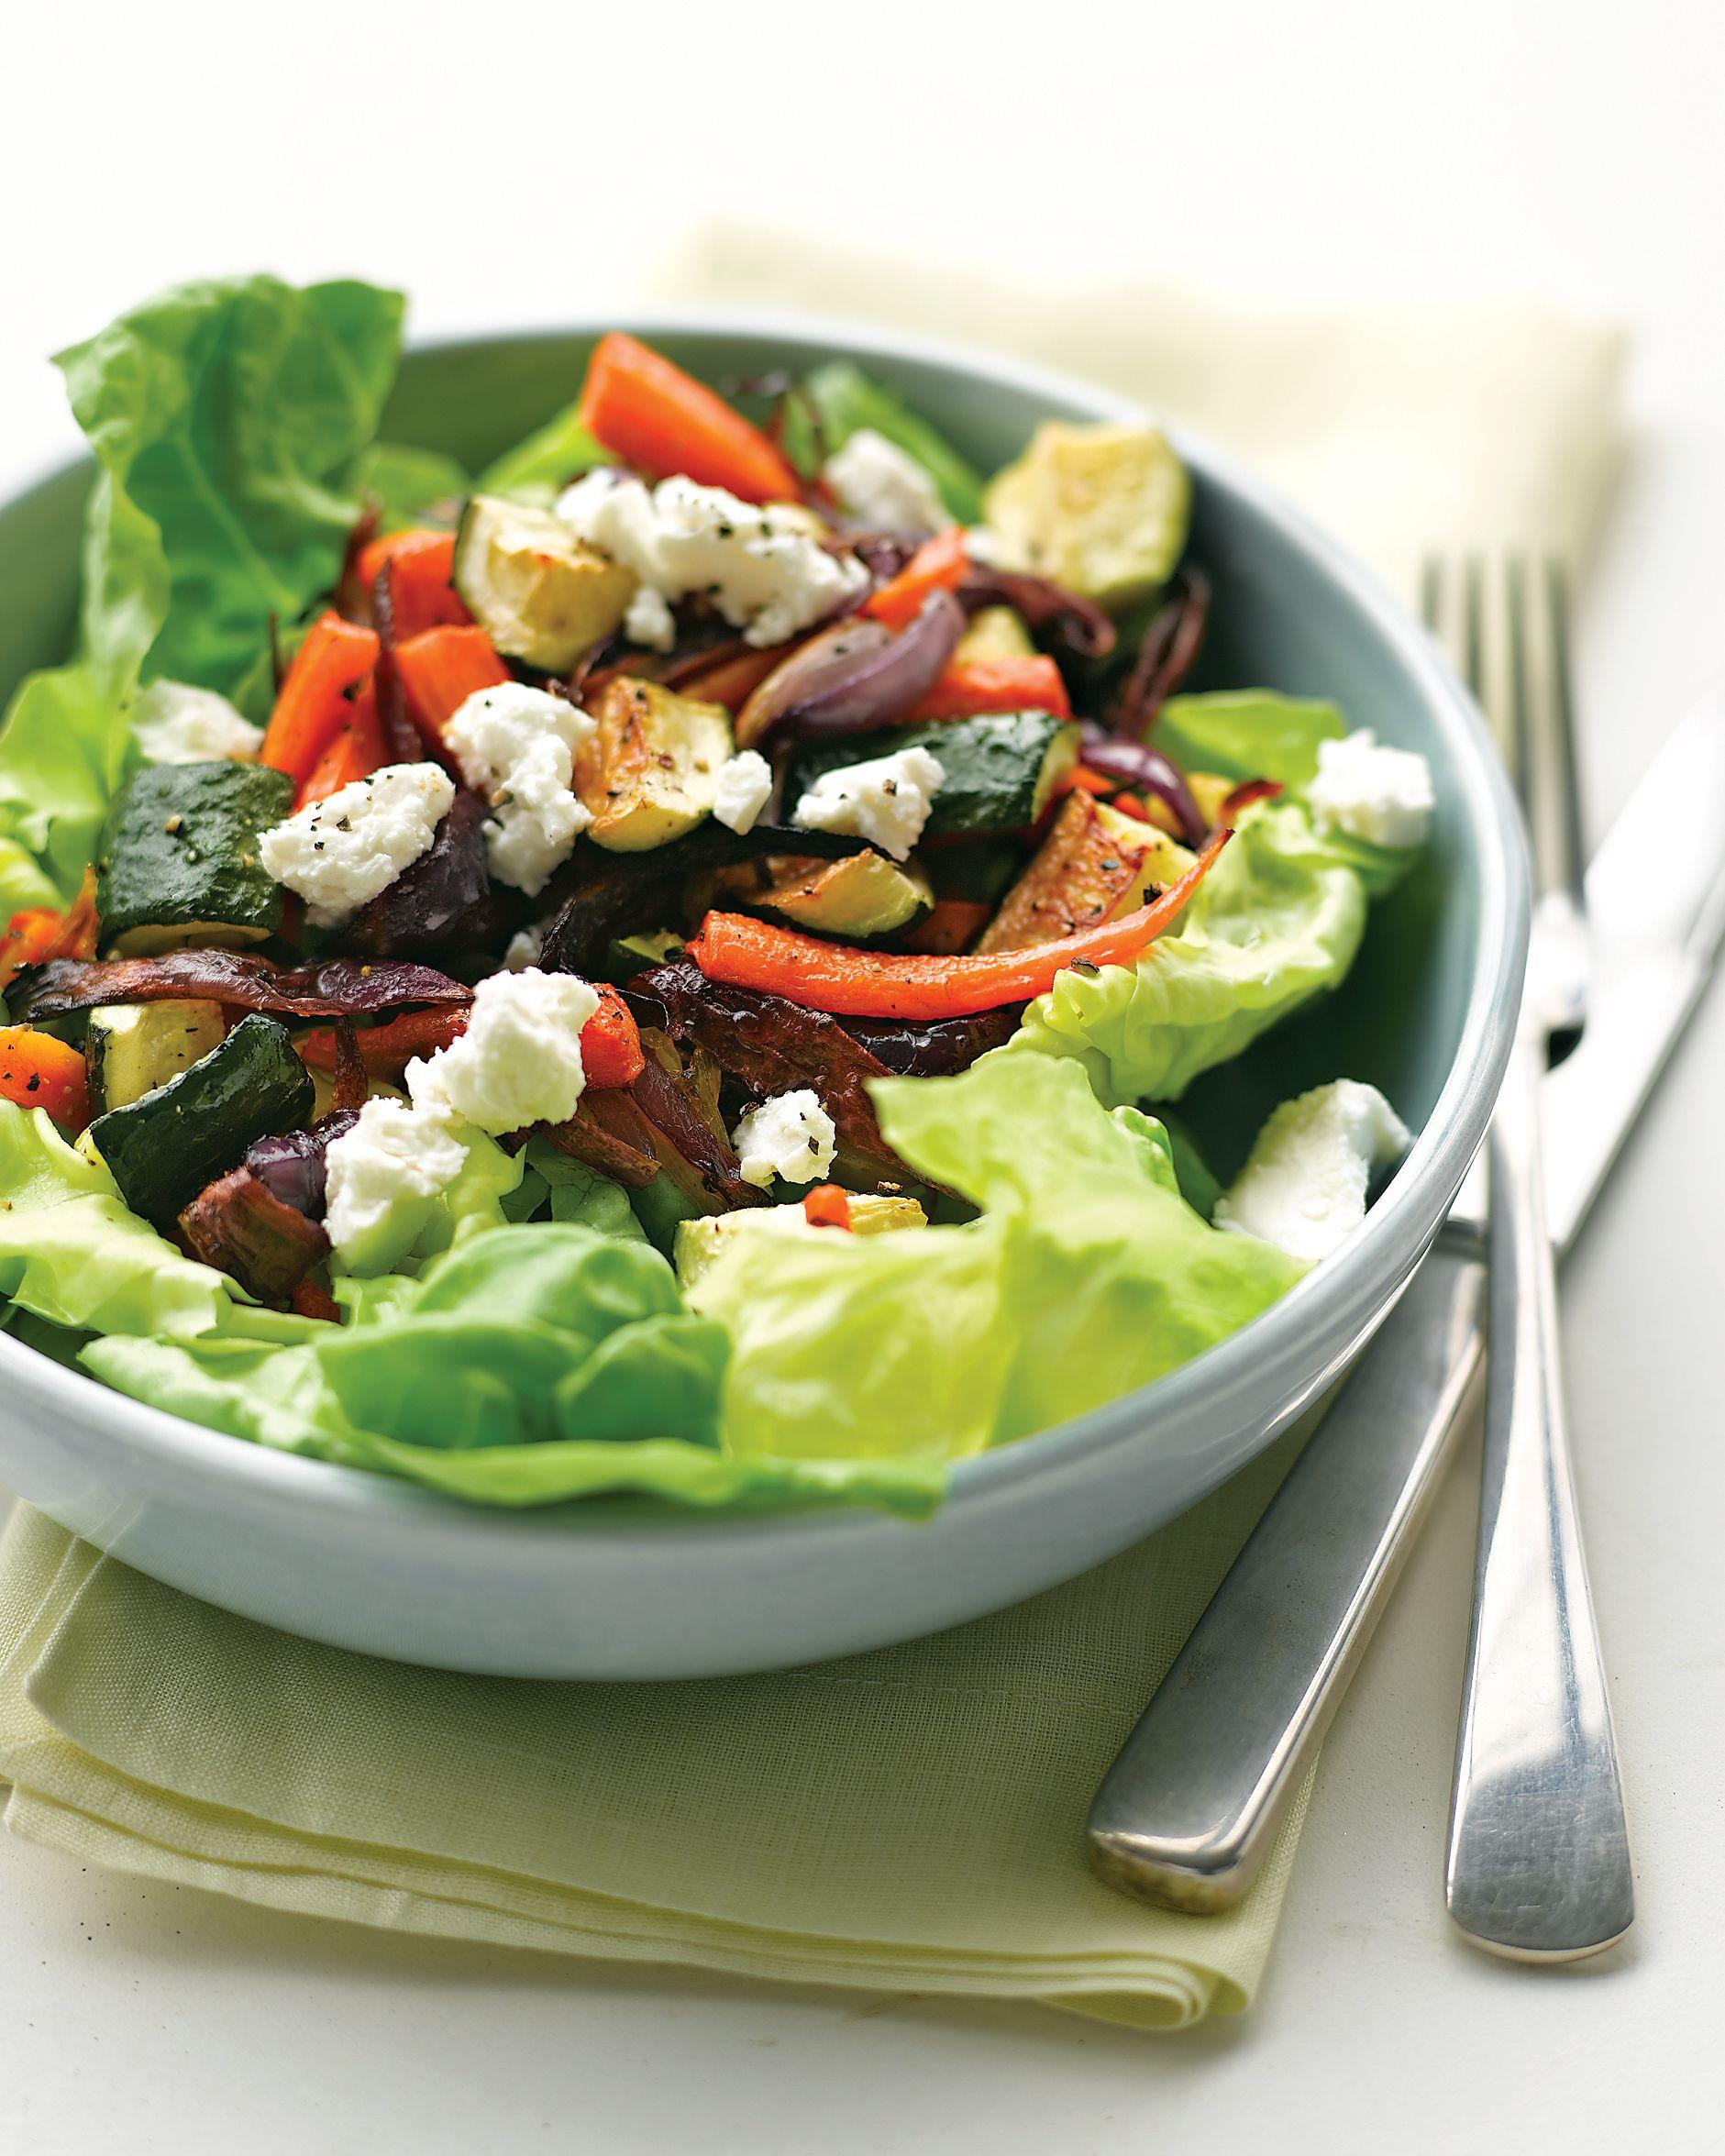 эстетично нежирные салаты рецепты с фото устанавливают